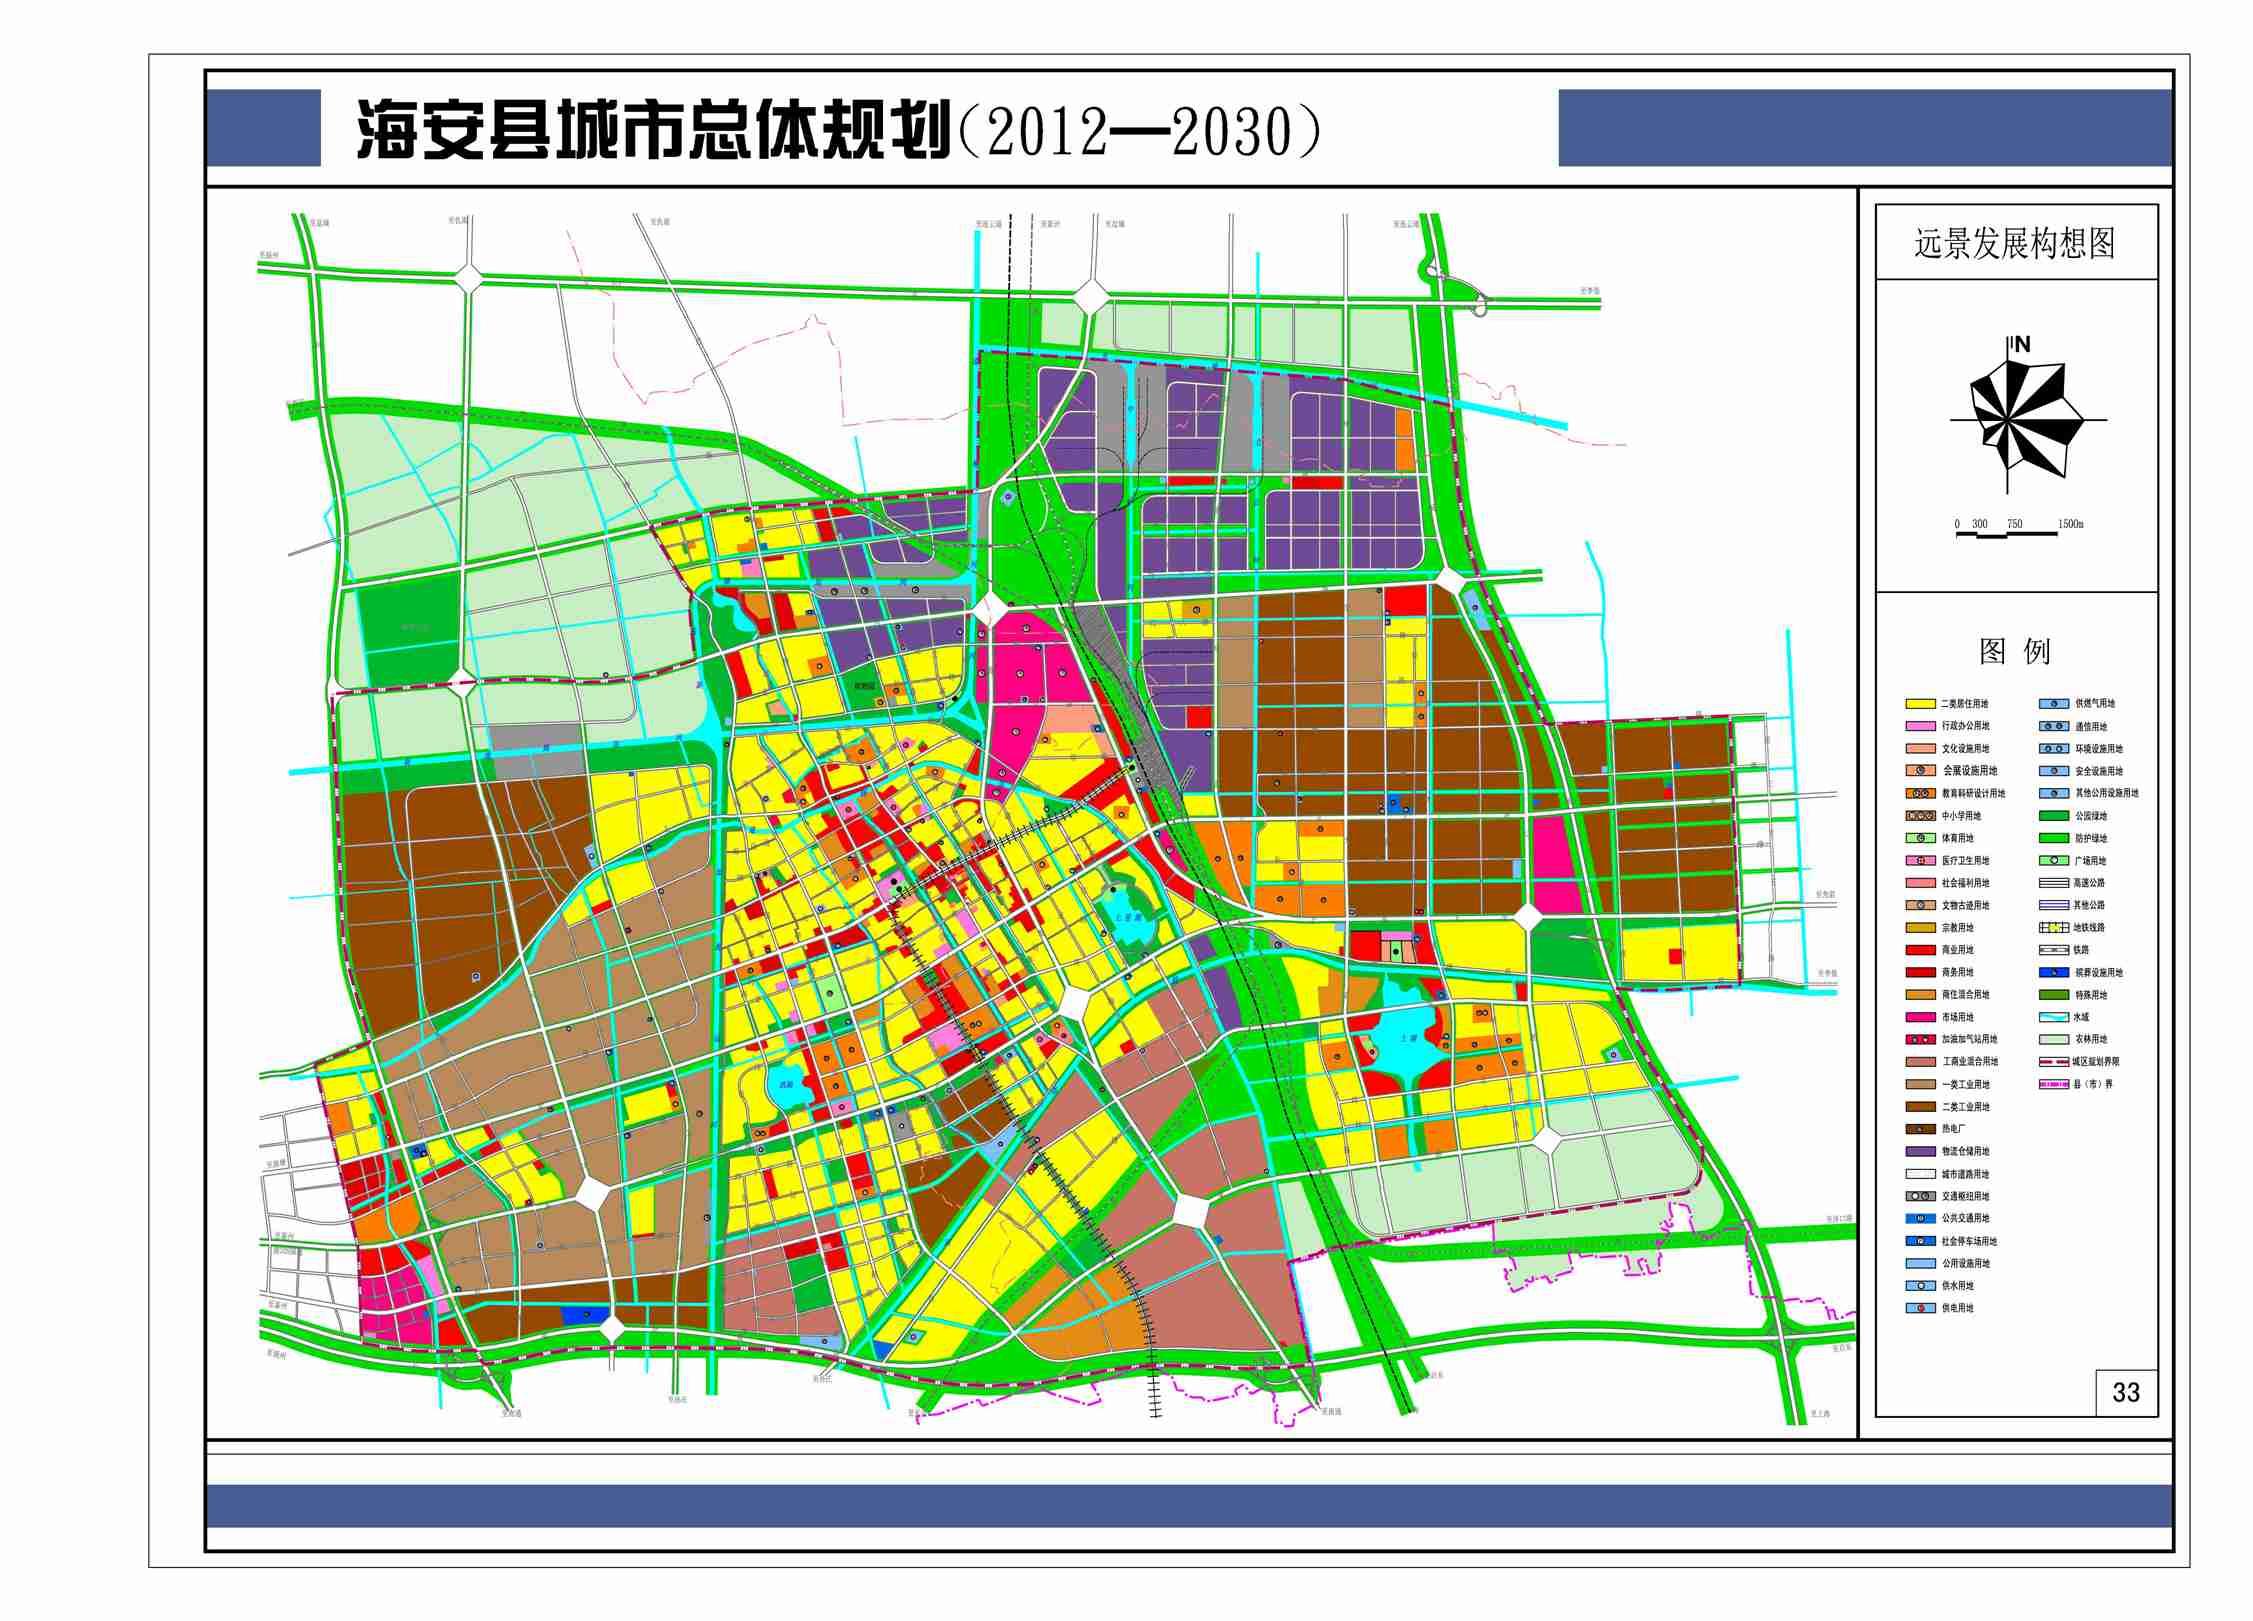 海安县城市总体规划及专项规划公示